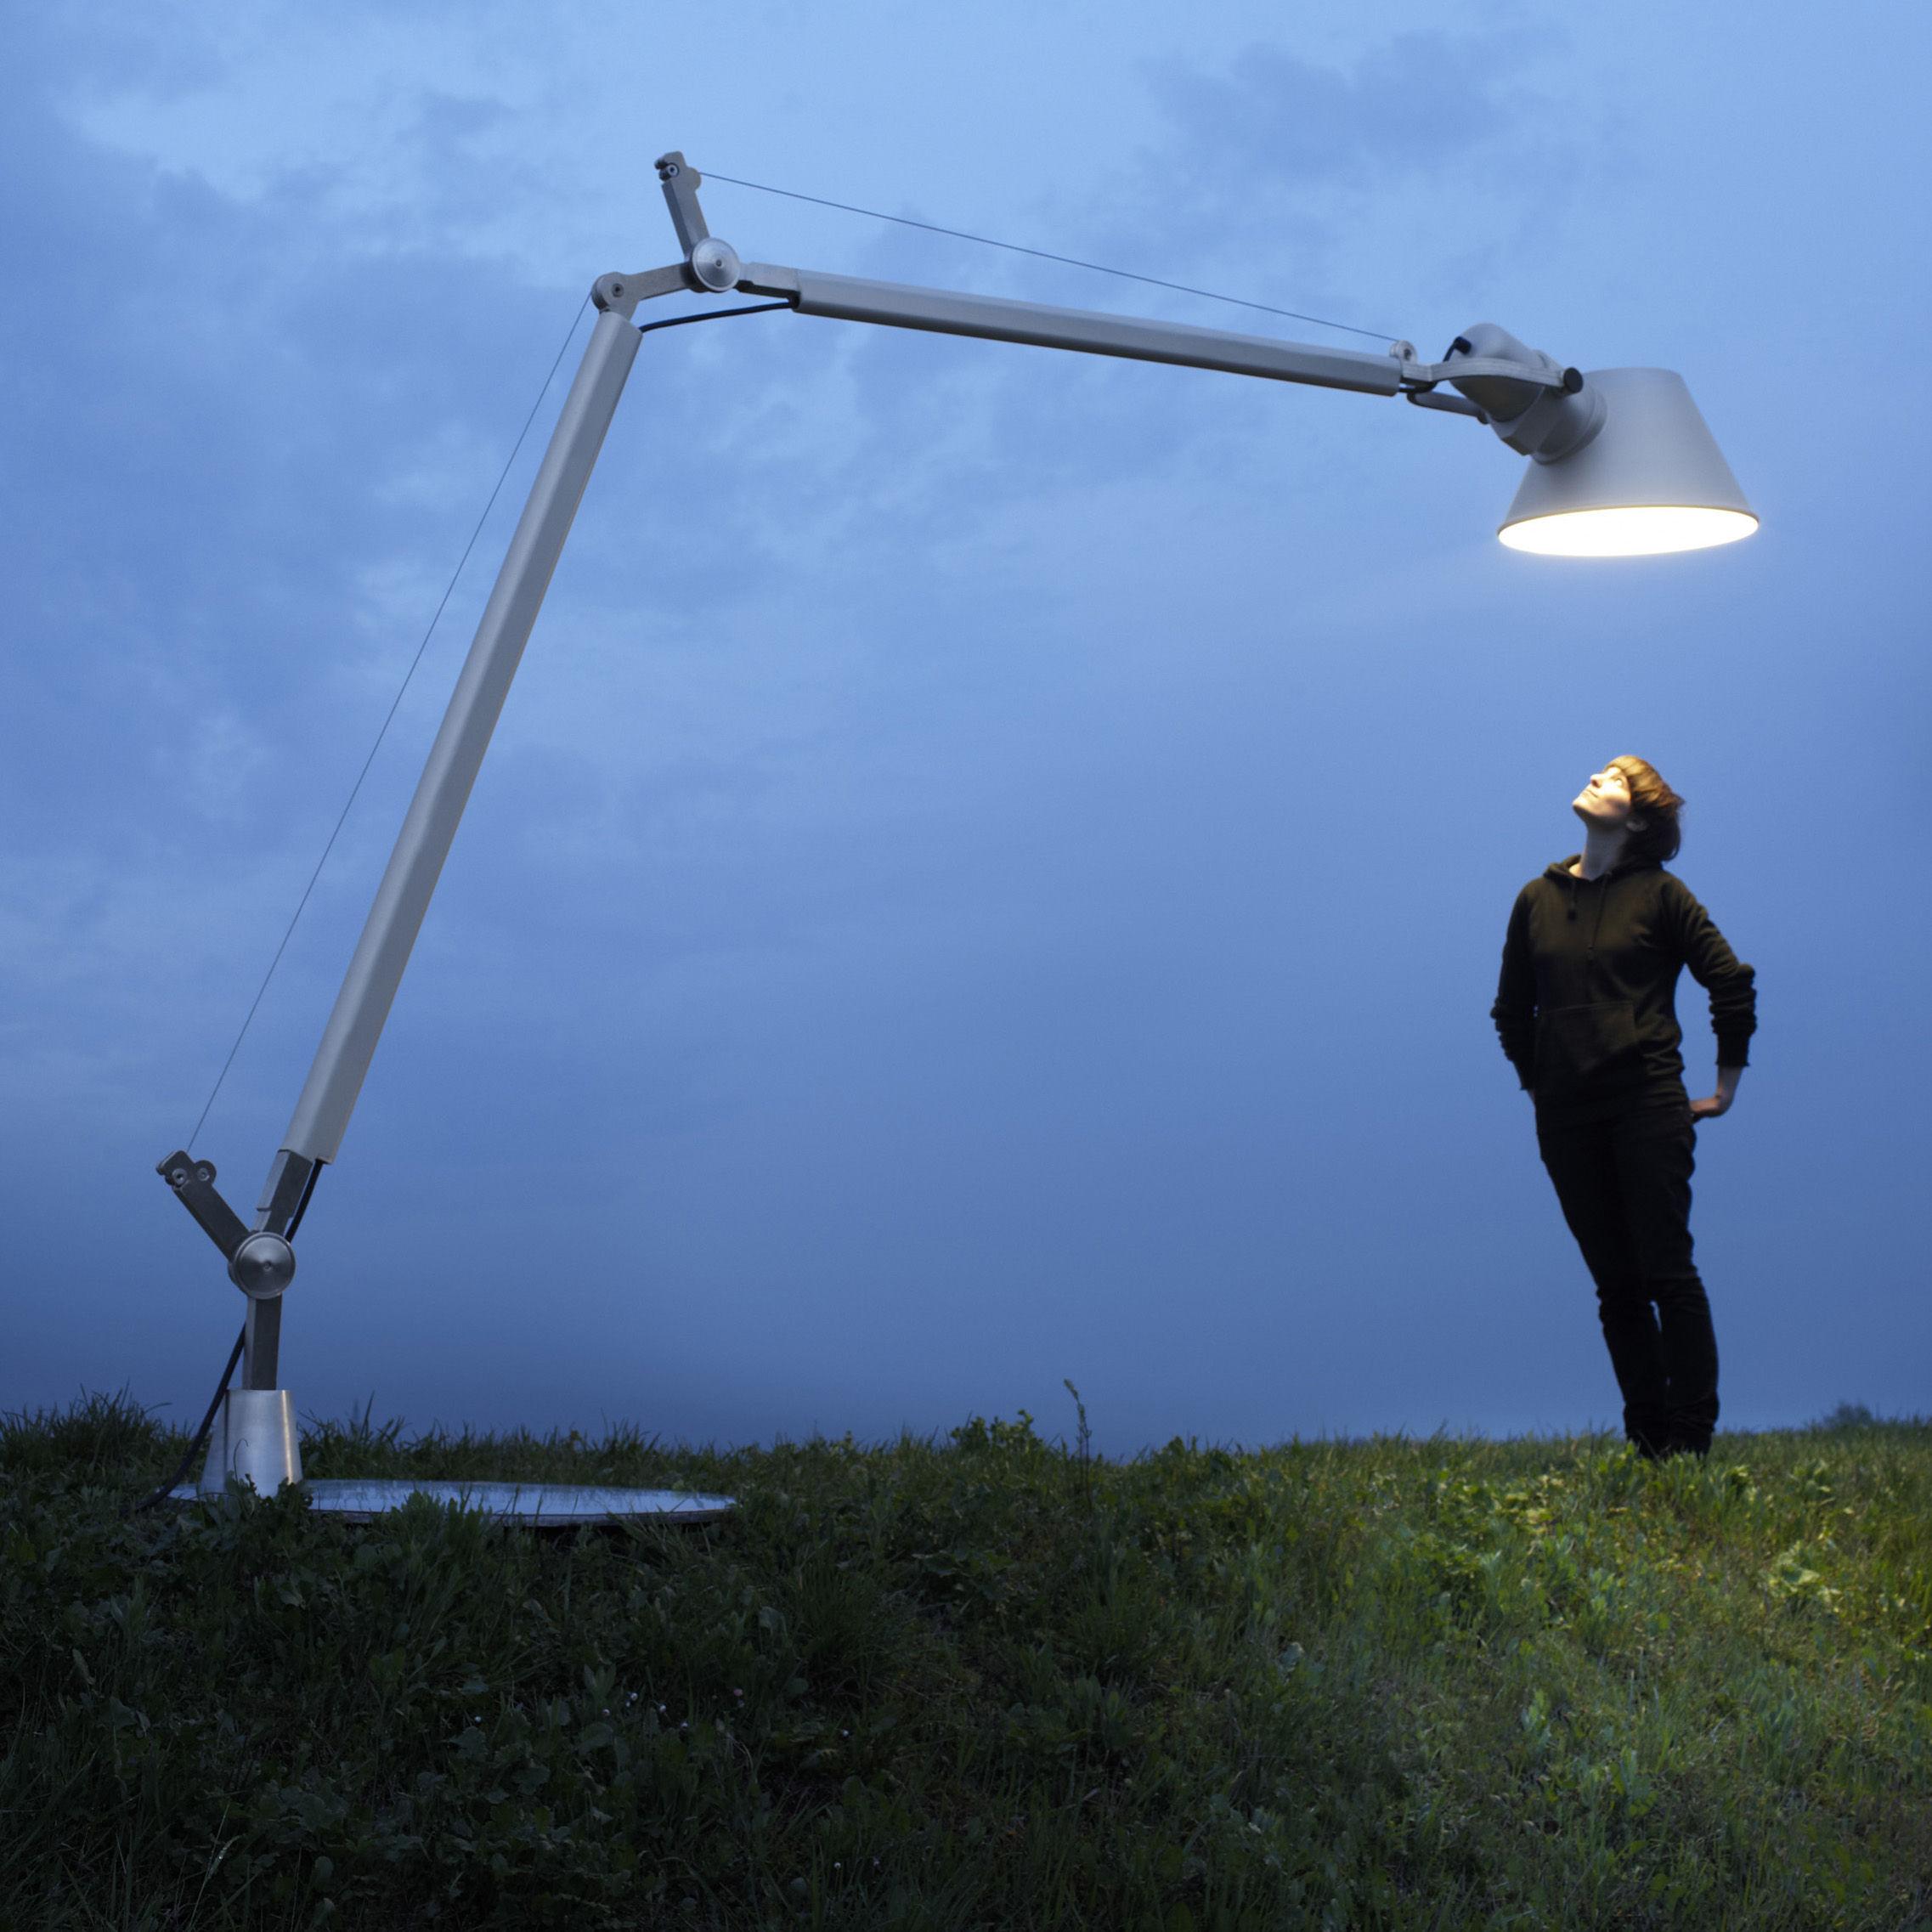 Leuchten - Stehleuchten - Tolomeo XXL Stehleuchte H 257 cm -  für innen - Artemide - poliertes Aluminium - Aluminium, Beton, Thermoplastique